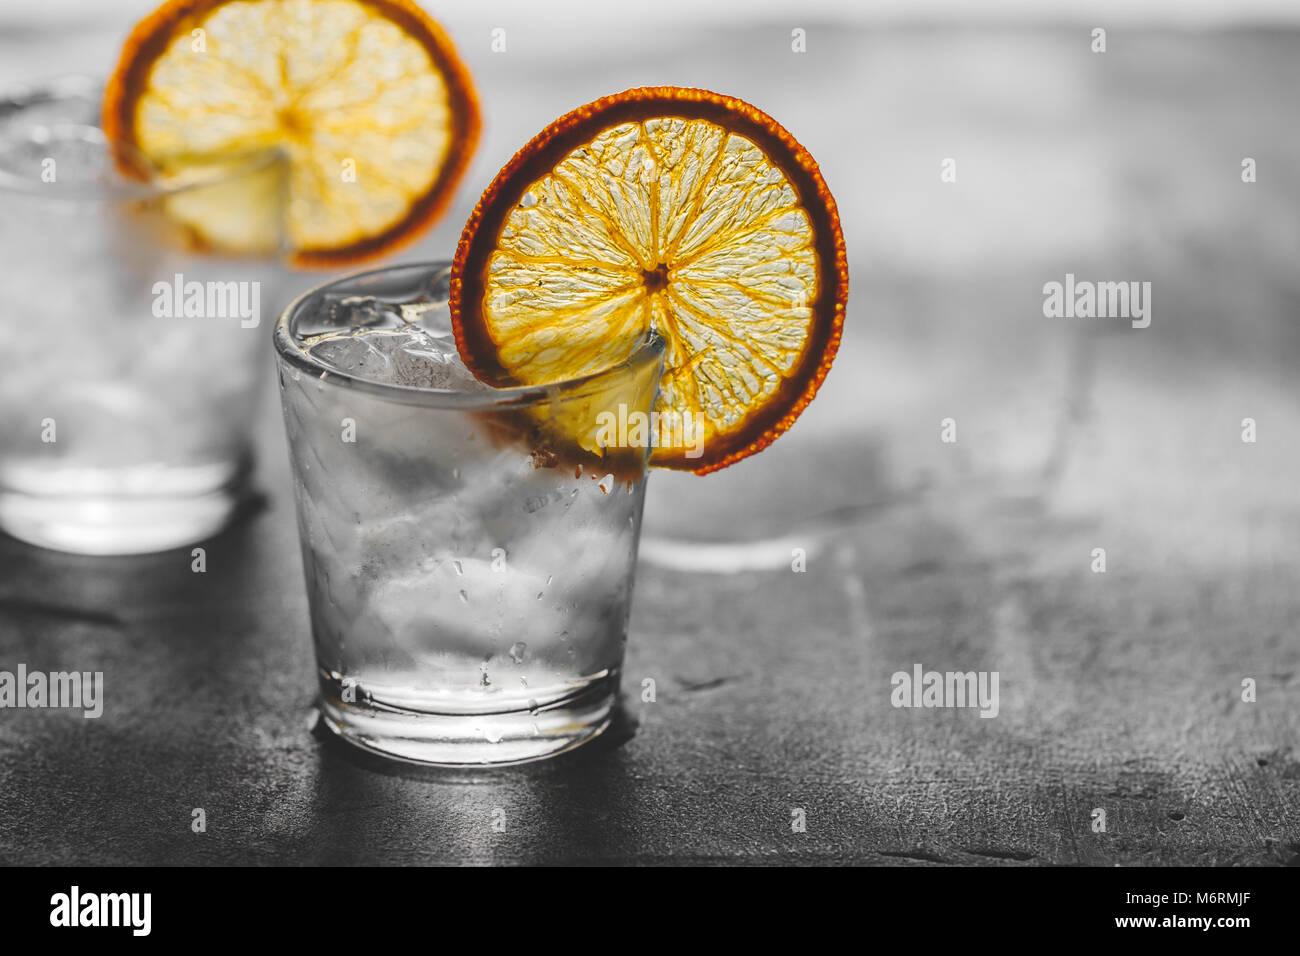 Due colpi di tequila con ghiaccio e una secca fetta di colore arancione su sfondo grigio. Immagini Stock